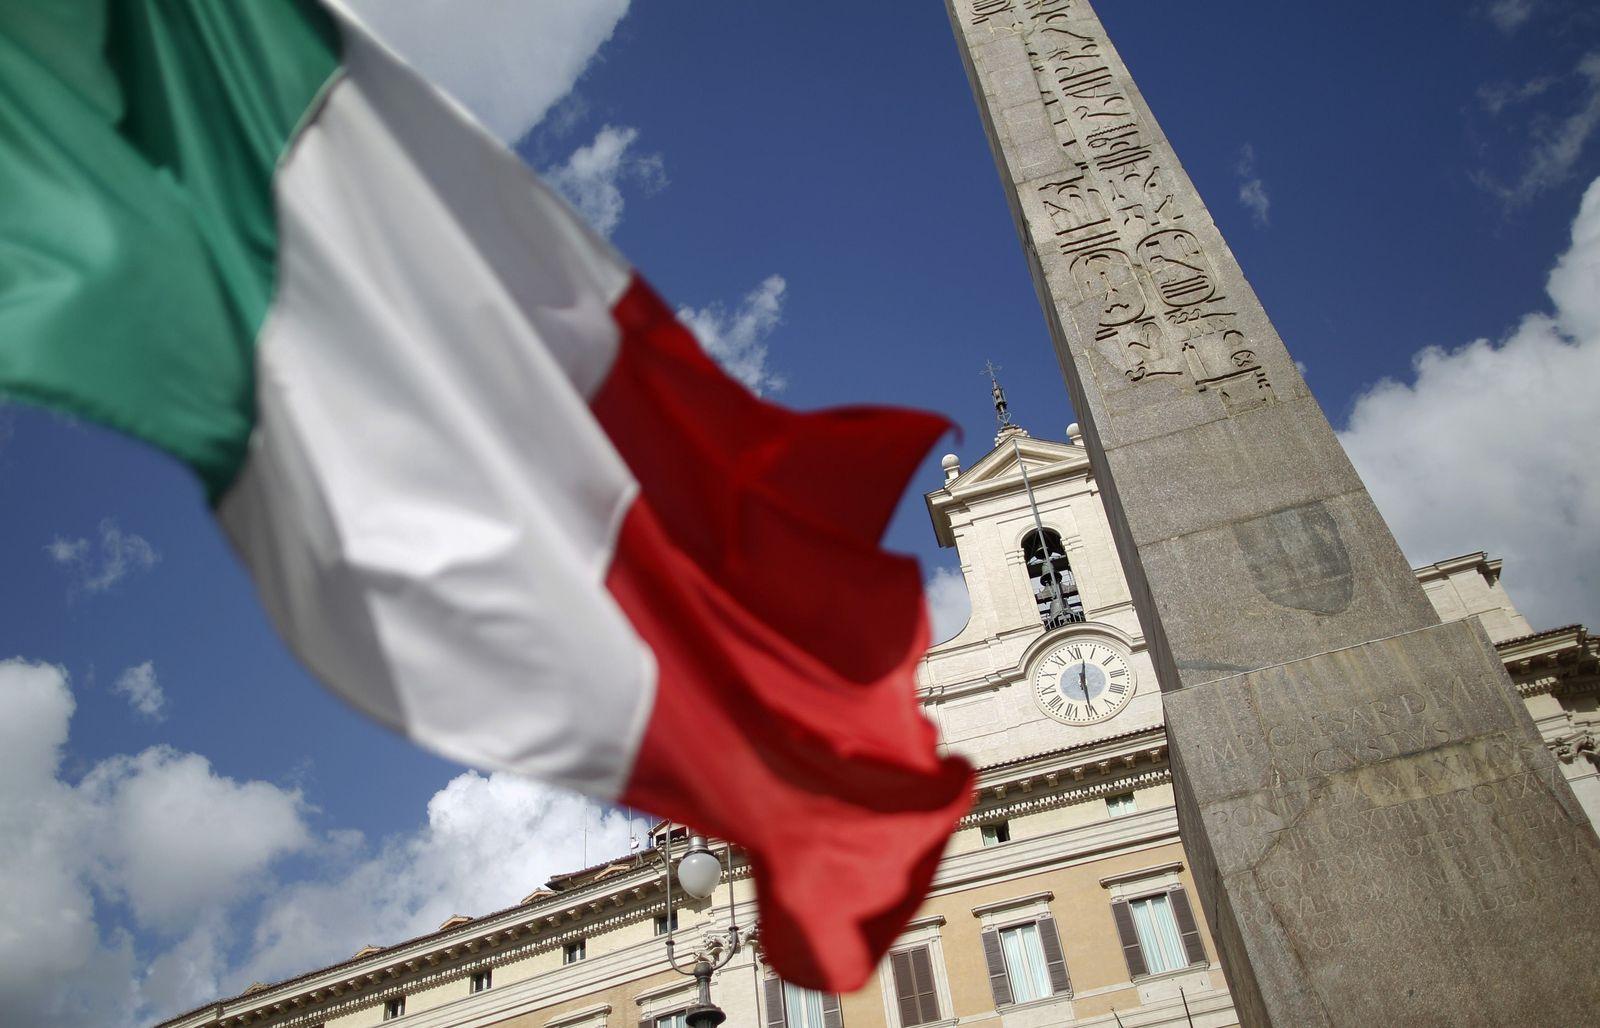 Flagge Italien / Montecitorio Platz